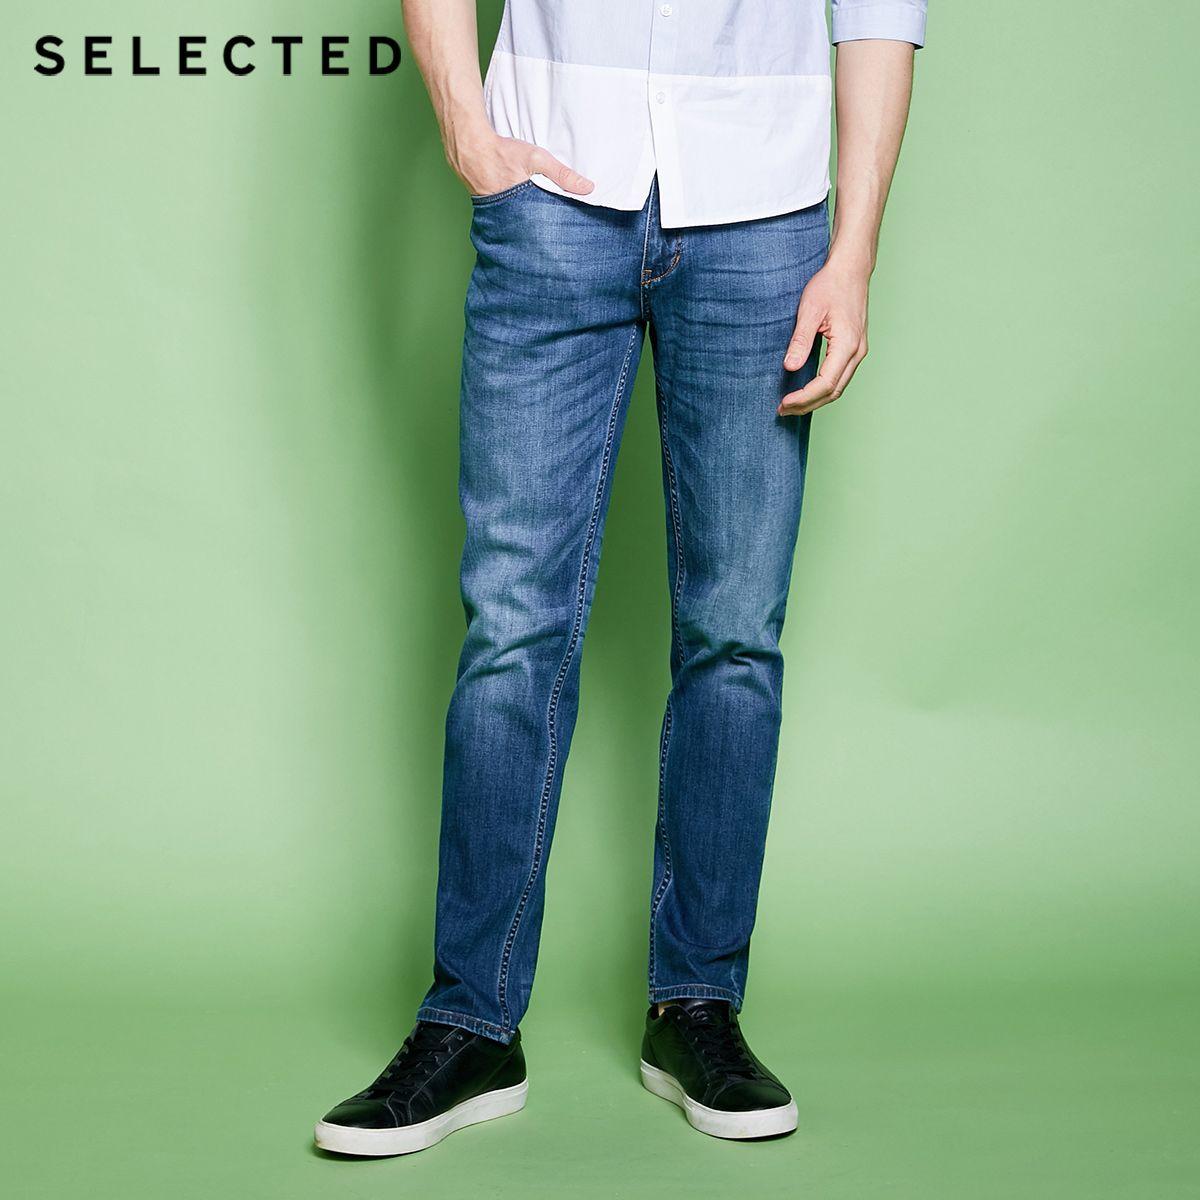 CHOISI Des Hommes de Coton-mélange Léger Étirement Moustaches Lavage Effet Slim Fit Jeans C | 418132525